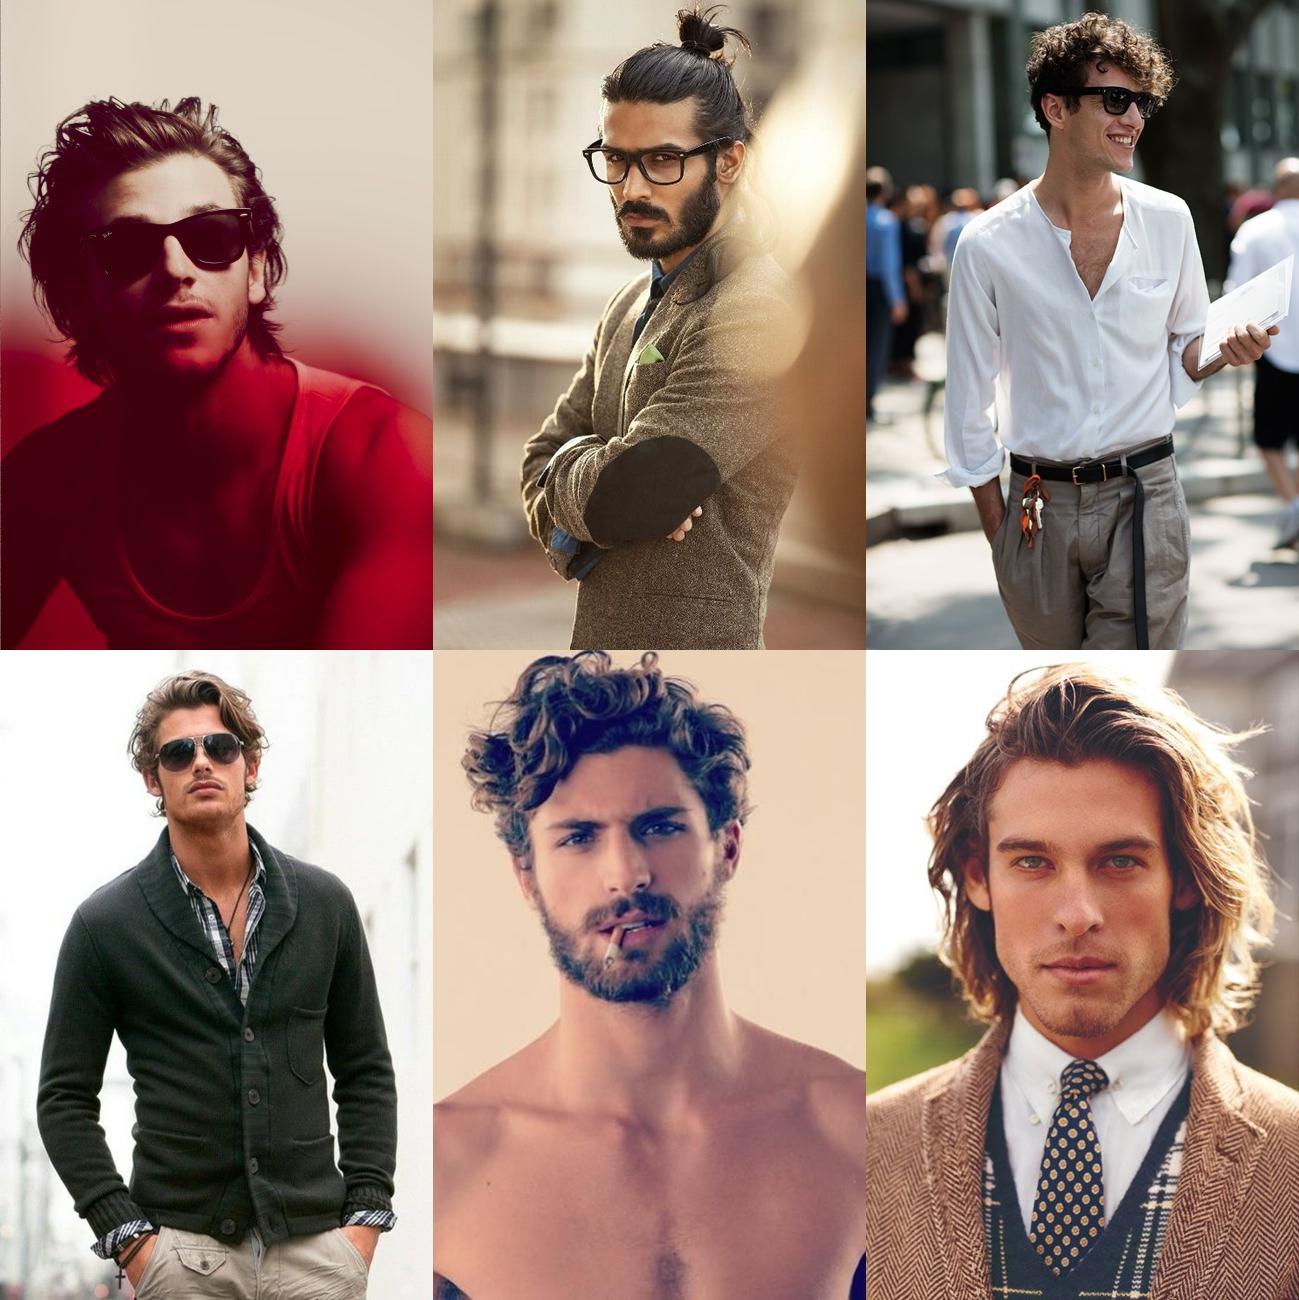 cortes masculinos 2015, cabelo masculino 2015, penteados masculinos 2015, moda masculina, estilo masculino, alex cursino, moda sem censura, blog de moda, fashion blogger, blogger, menswear, haircut 2015, 2